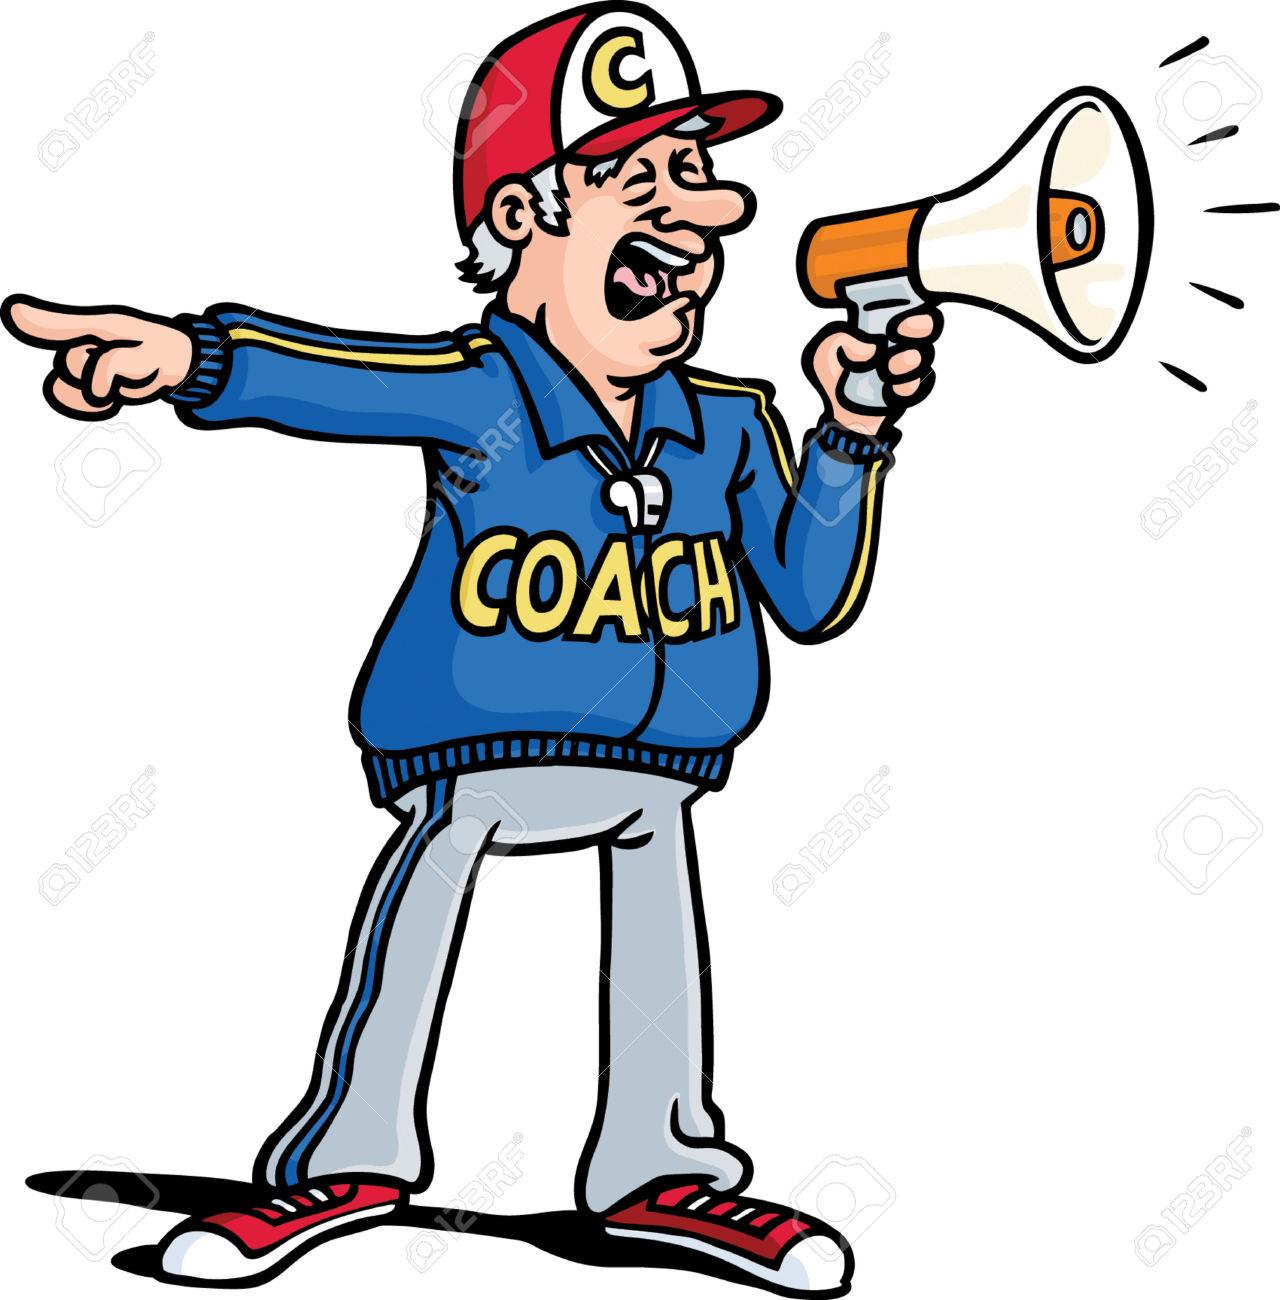 coach-clipart-4.jpg